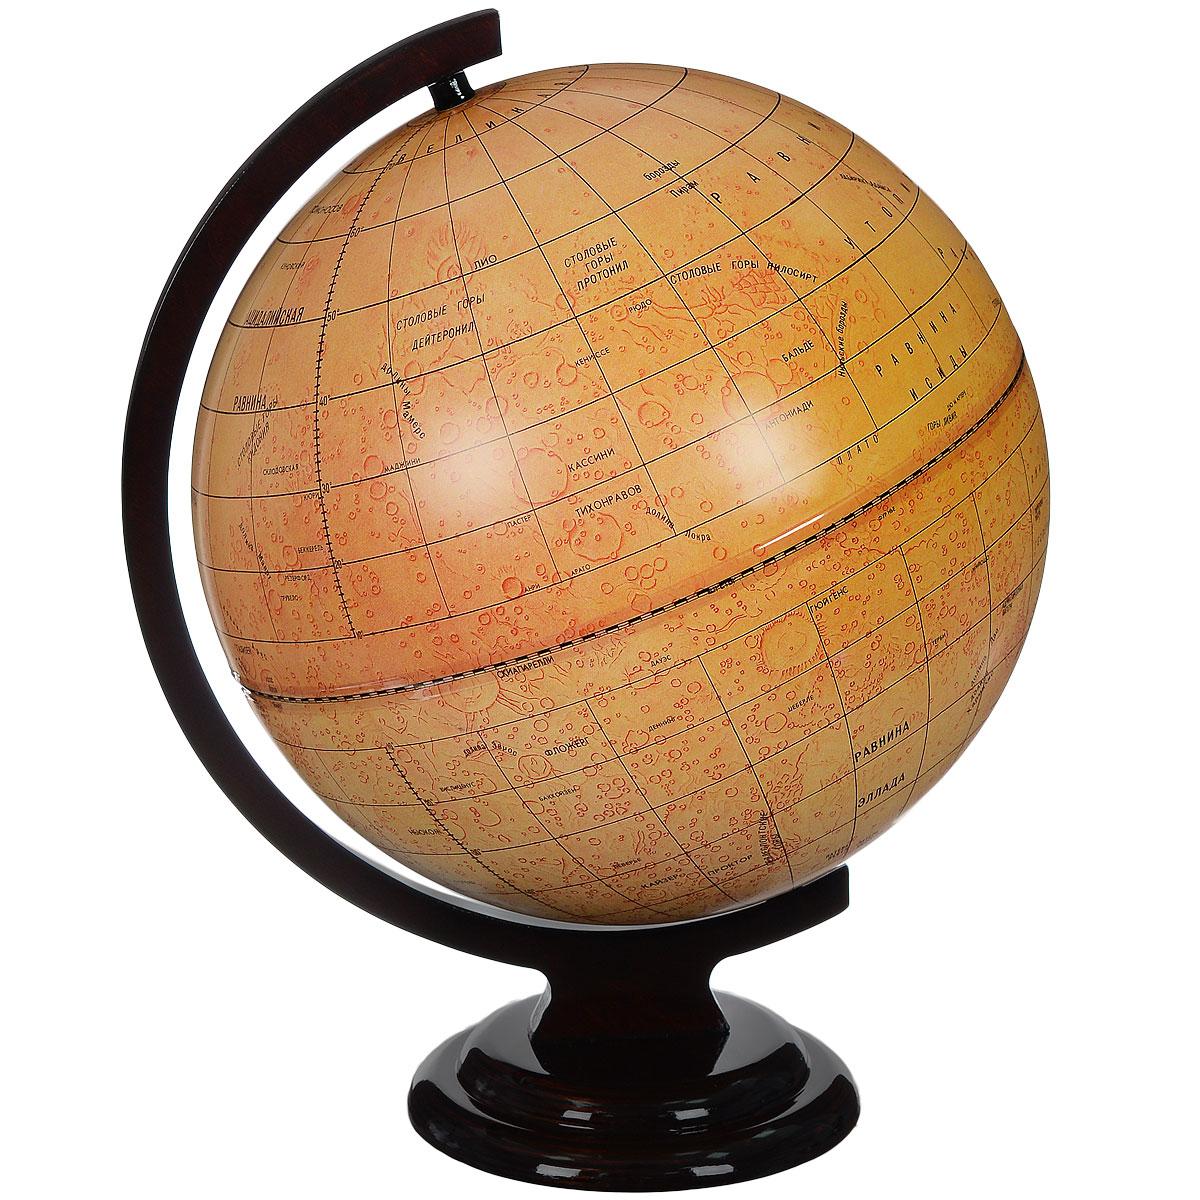 Глобусный мир Глобус Марса, диаметр 32 см на деревянной подставке10090Глобус Марса Глобусный мир, изготовлен из высококачественного прочного пластика.Данная модель предназначена для ознакомления с географией марсианской поверхности. На глобусе указаны названия марсианских гор, борозд, плато, равнин, кратеров и каньонов.Такой глобус станет прекрасным подарком и учебным материалом для дальнейшего изучения астрономии. Изделие расположено на деревянной подставке.Настольный глобус Марса Глобусный мир станет оригинальным украшением рабочего стола или вашего кабинета. Это изысканная вещь для стильного интерьера, которая станет прекрасным подарком для современного преуспевающего человека, следующего последним тенденциям моды и стремящегося к элегантности и комфорту в каждой детали.Масштаб: 1:40 000 000.